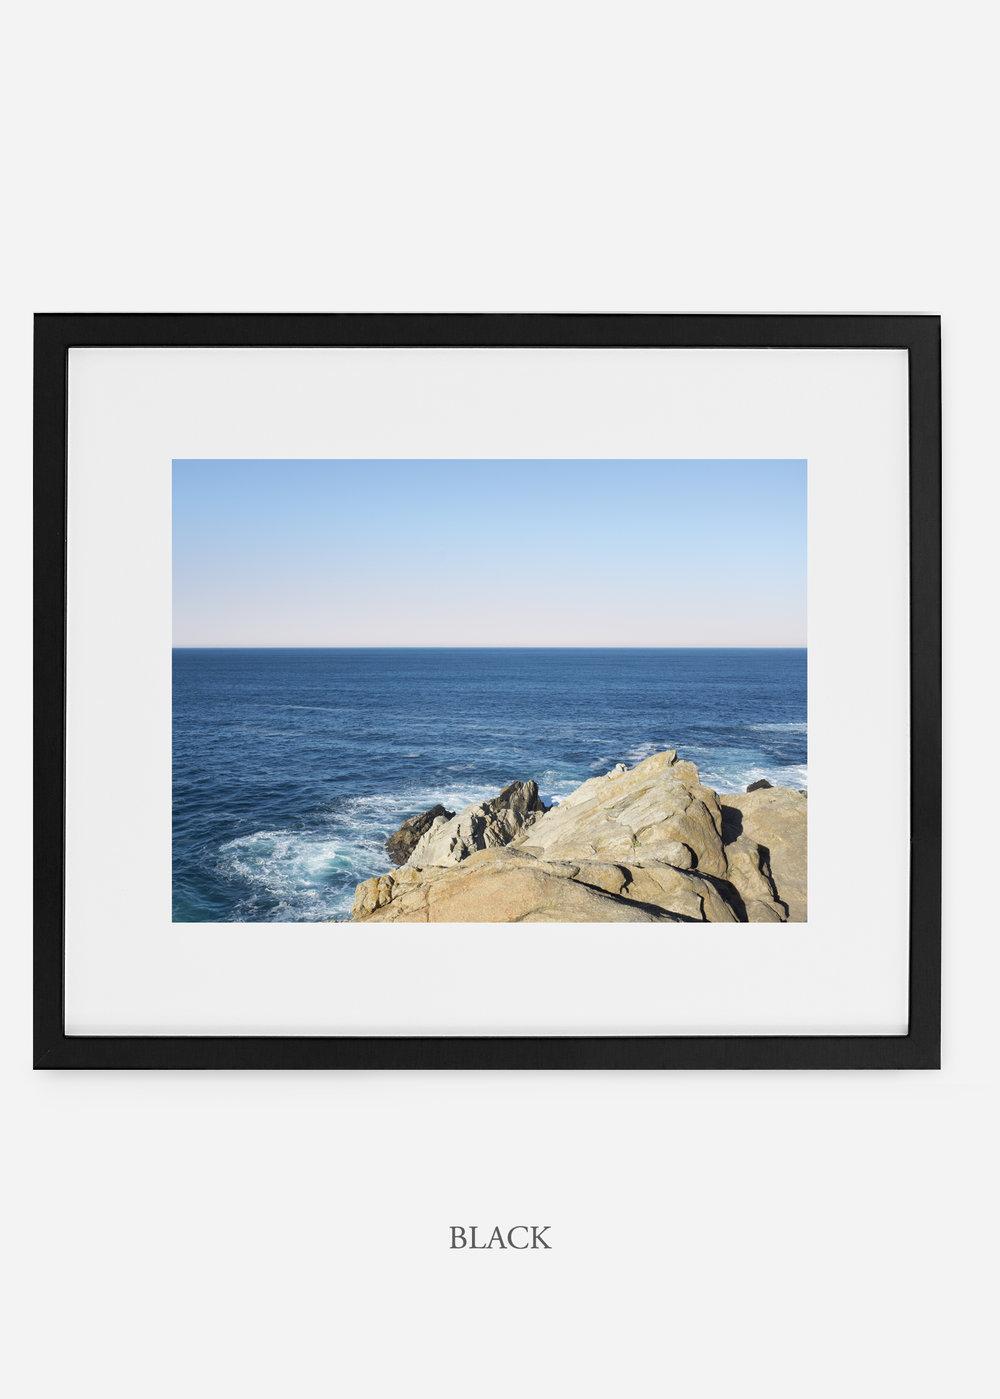 WilderCalifornia_blackframe_interiordesign_oceanprint_PacificNo.2.jpg